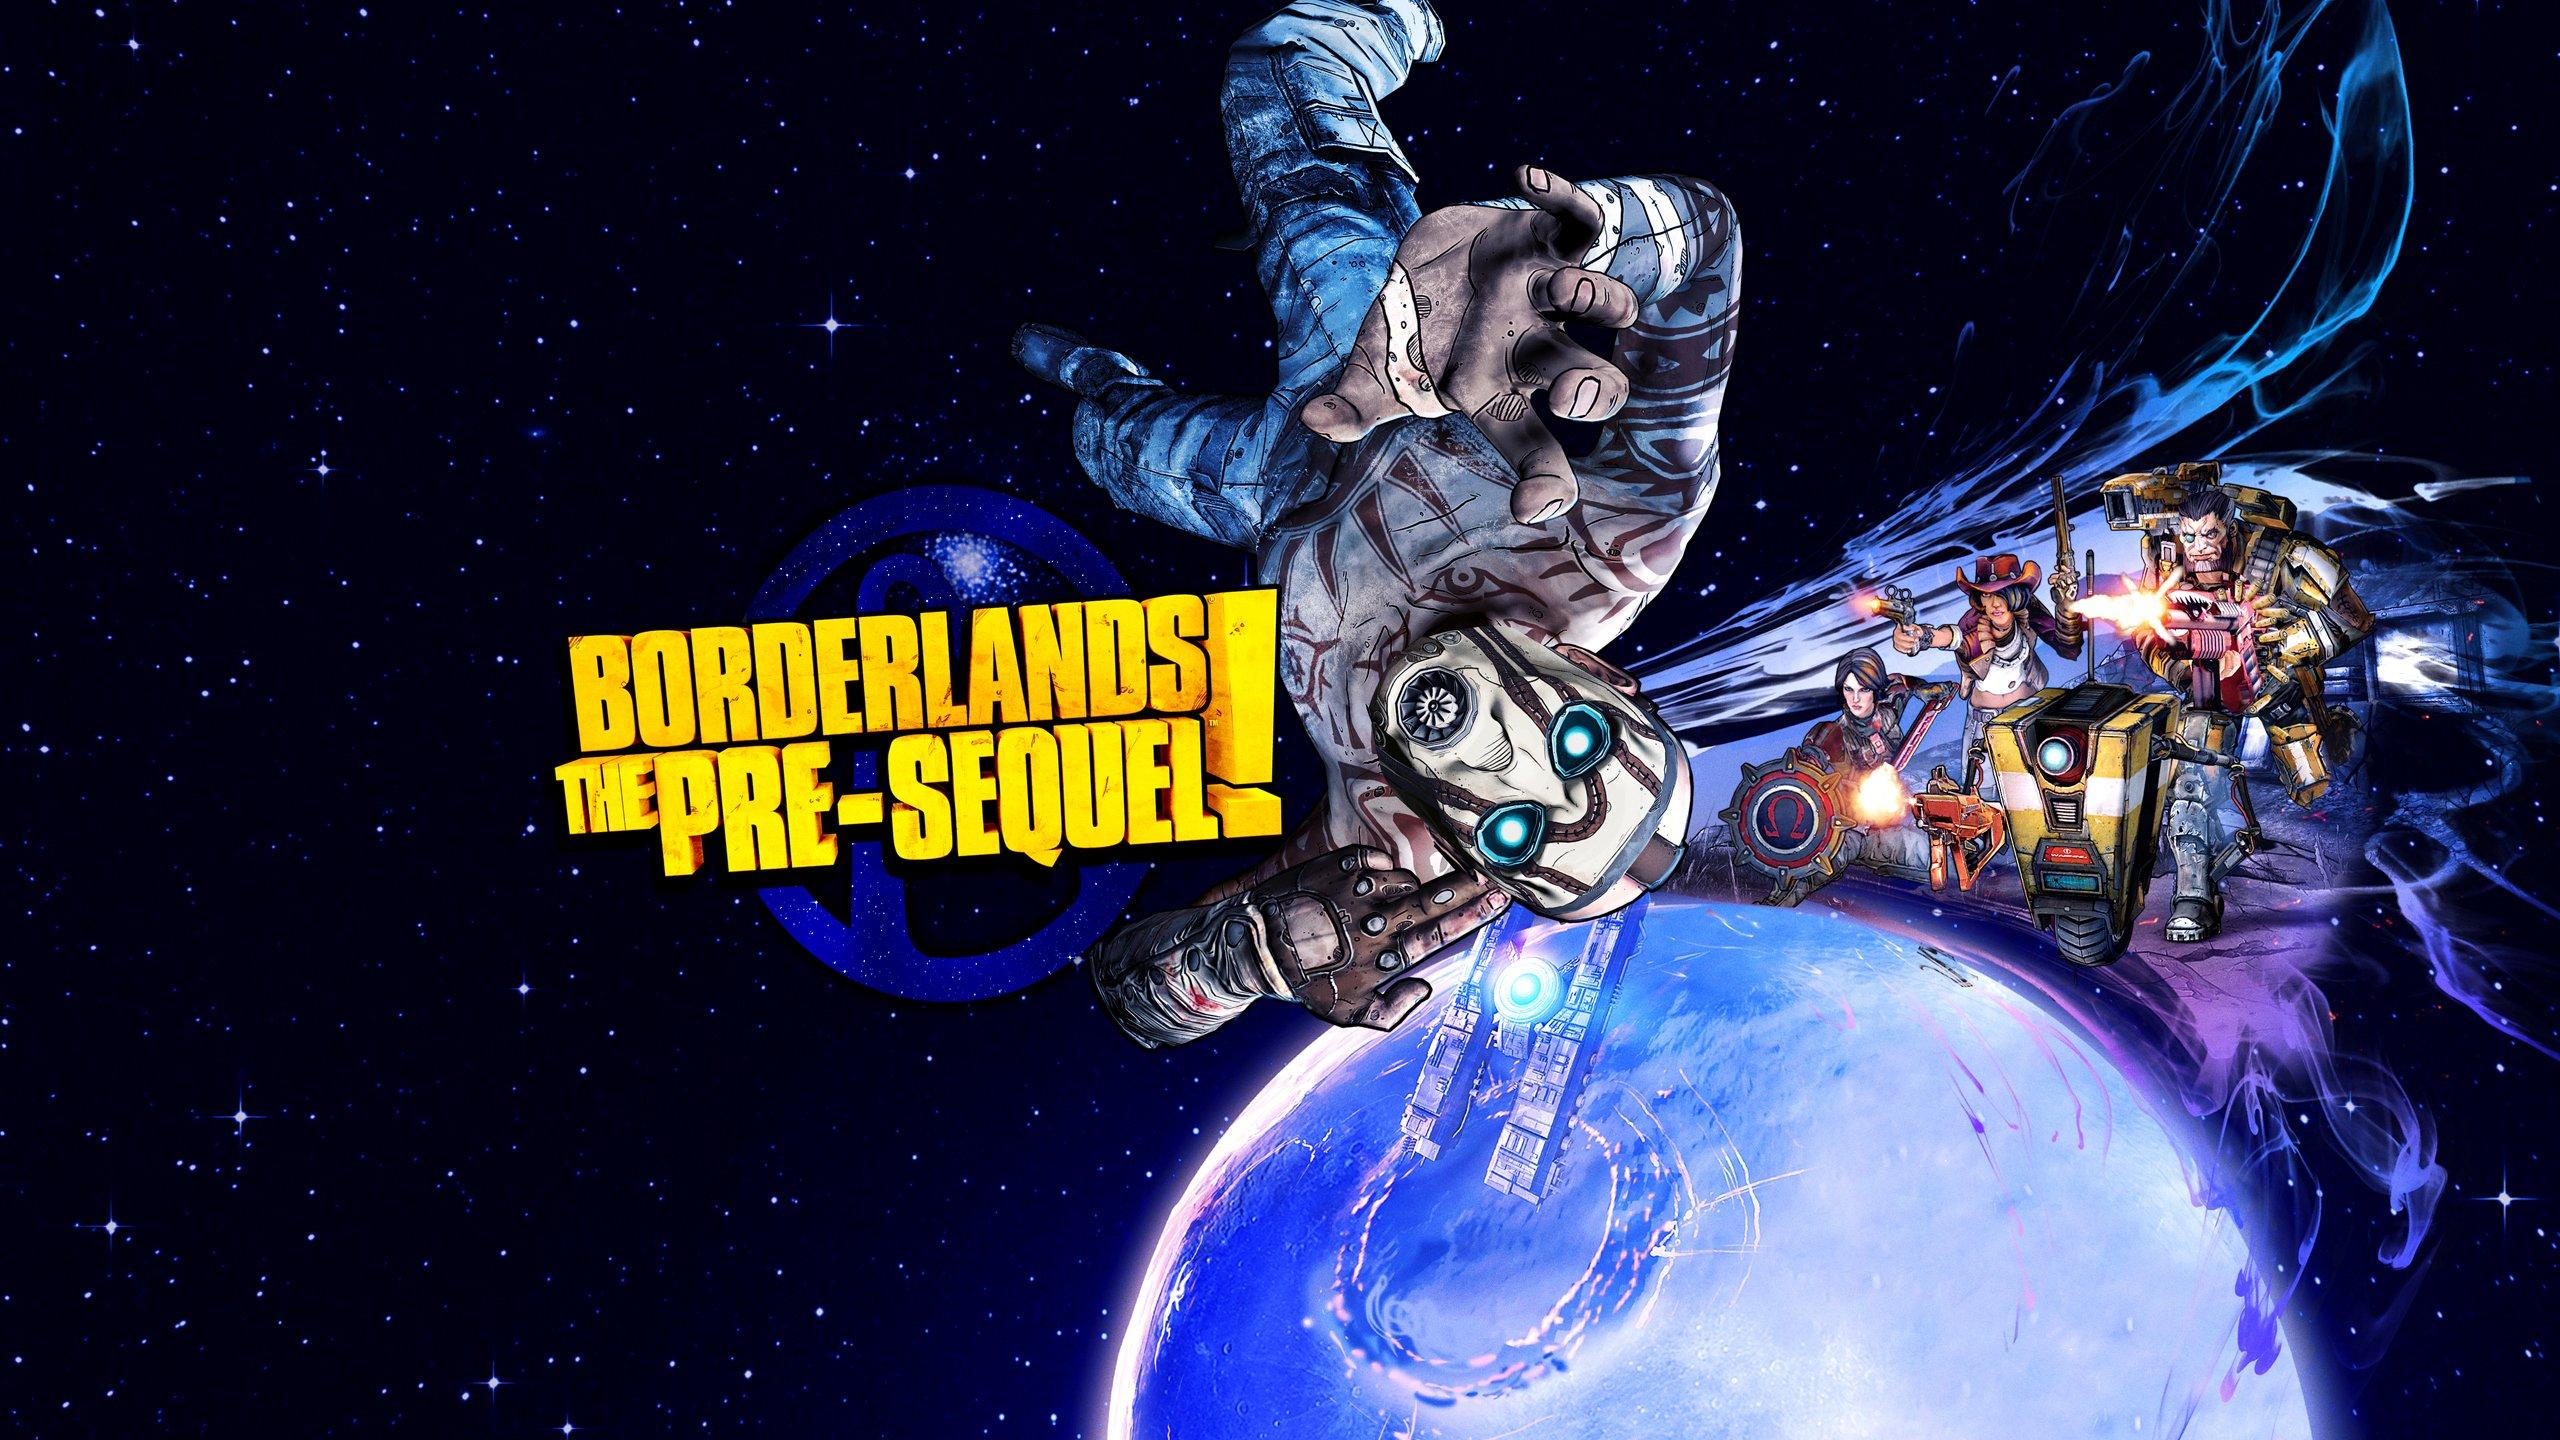 Вопль-прохождение Borderlands the Pre-Sequel ... НАЧАЛО - Изображение 1